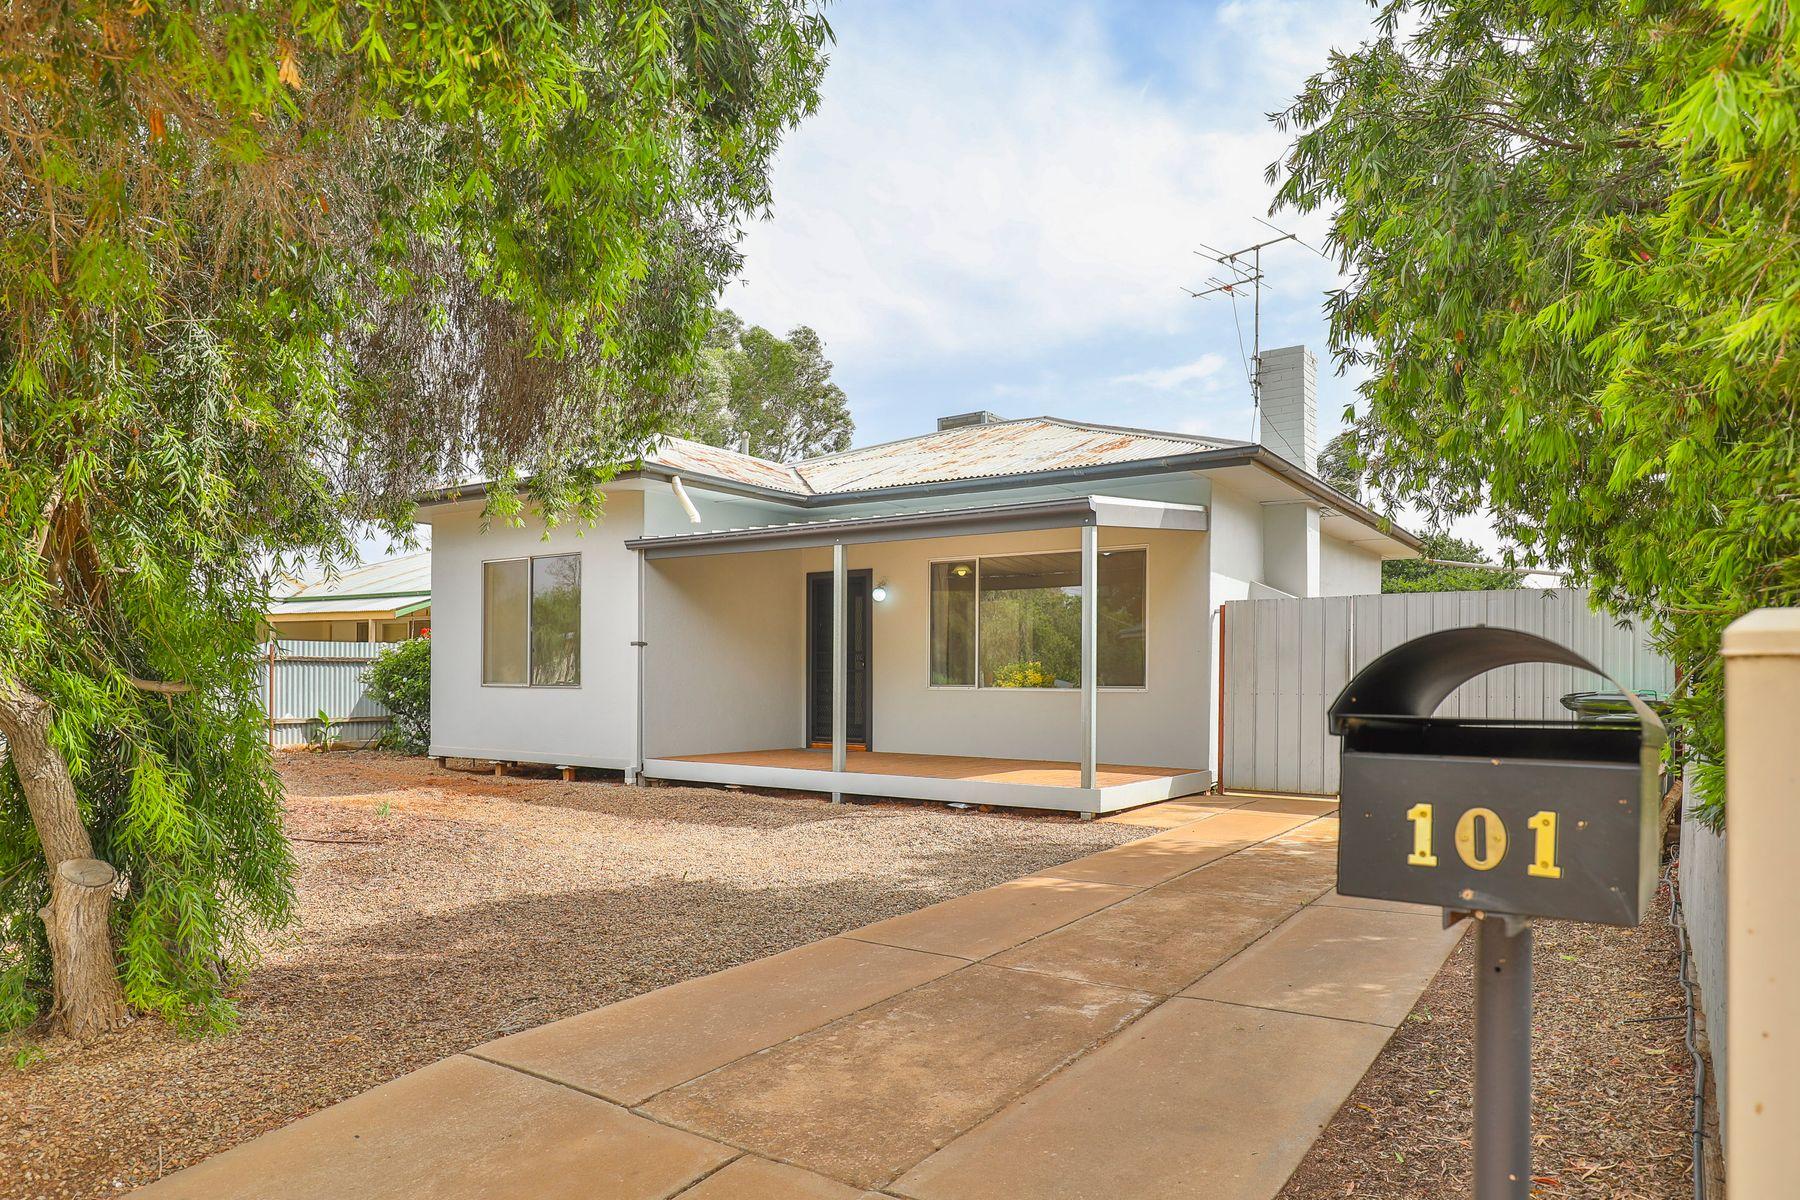 101 Pasadena Grove, Mildura, VIC 3500